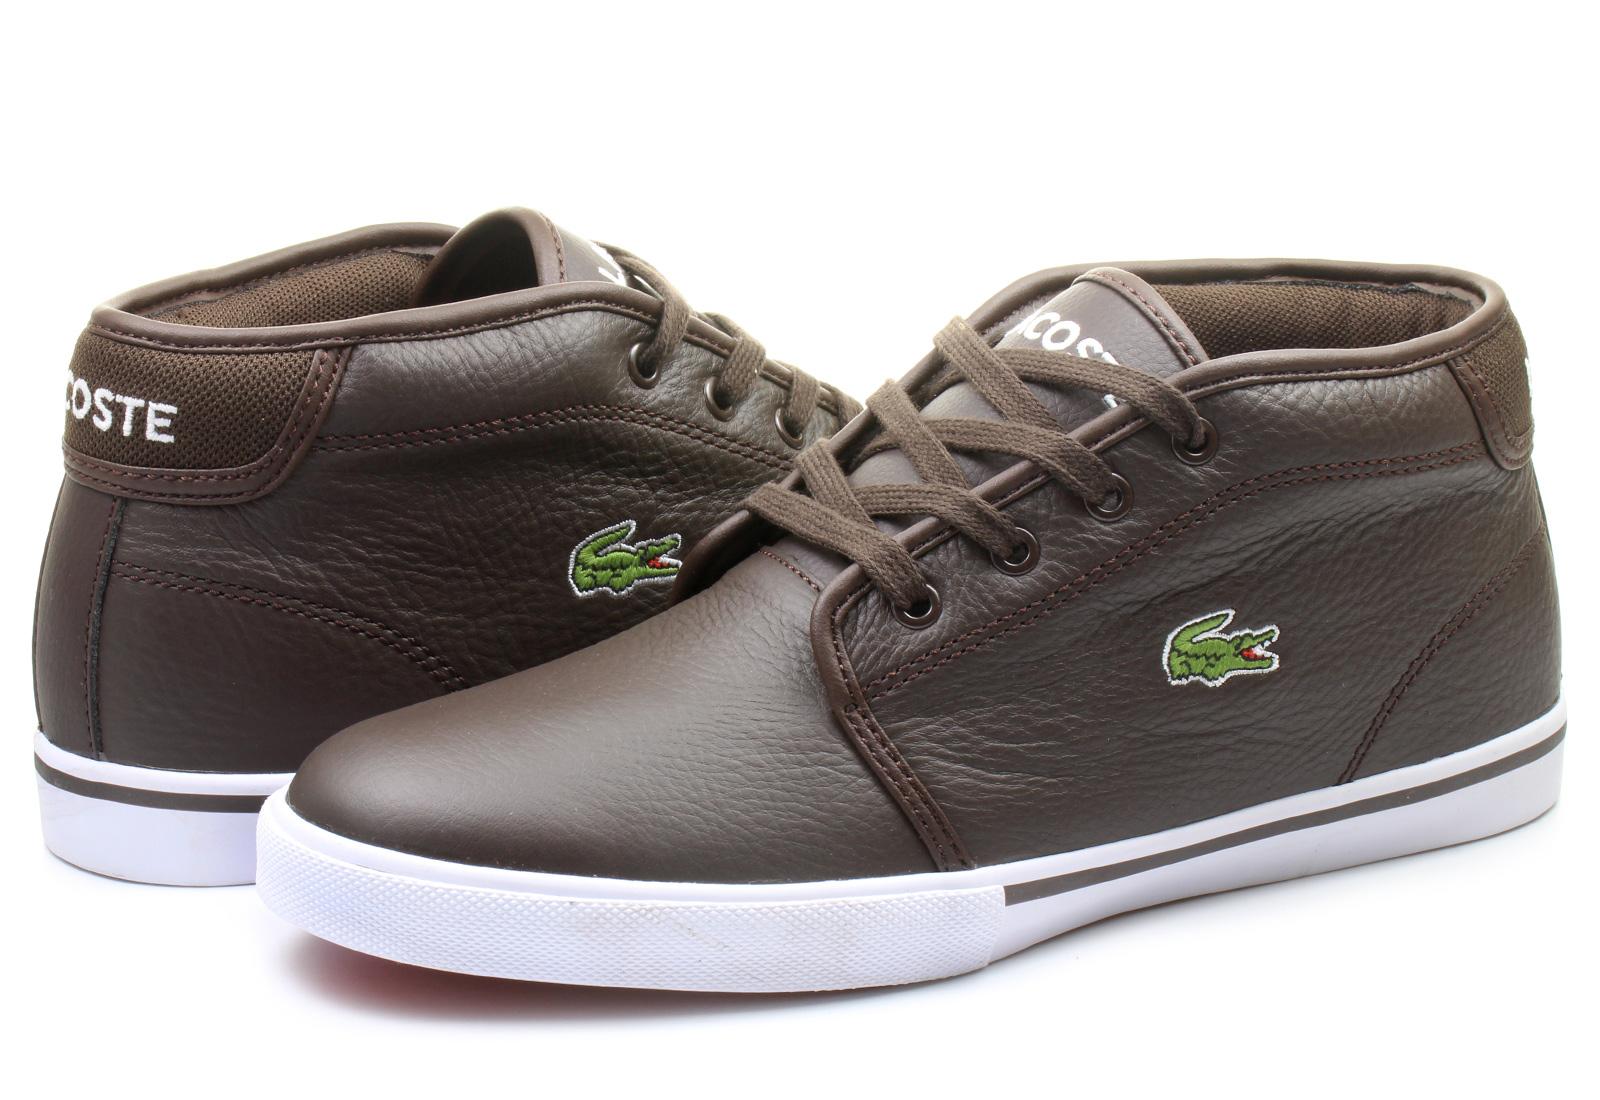 Lacoste Shoes Size